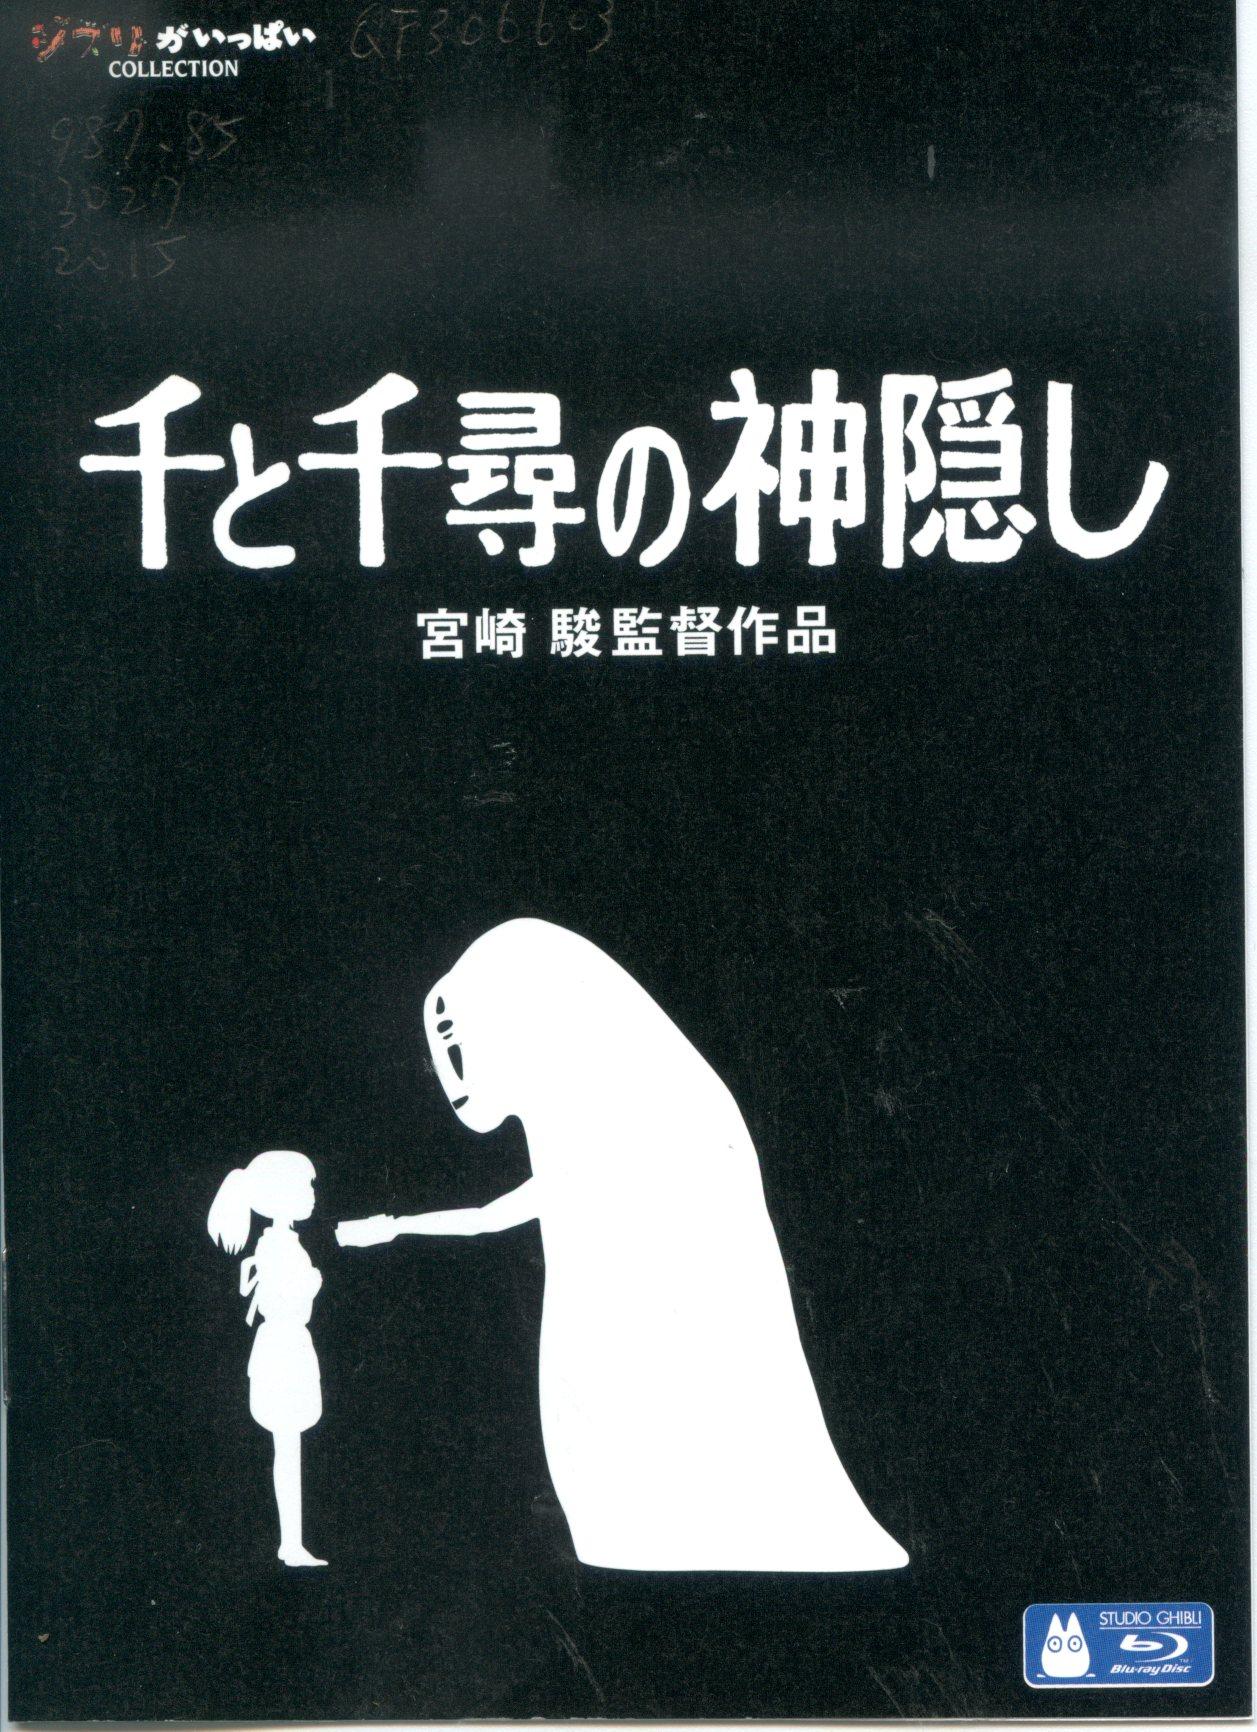 千と千尋の神隠し(家用版) Spirited away /